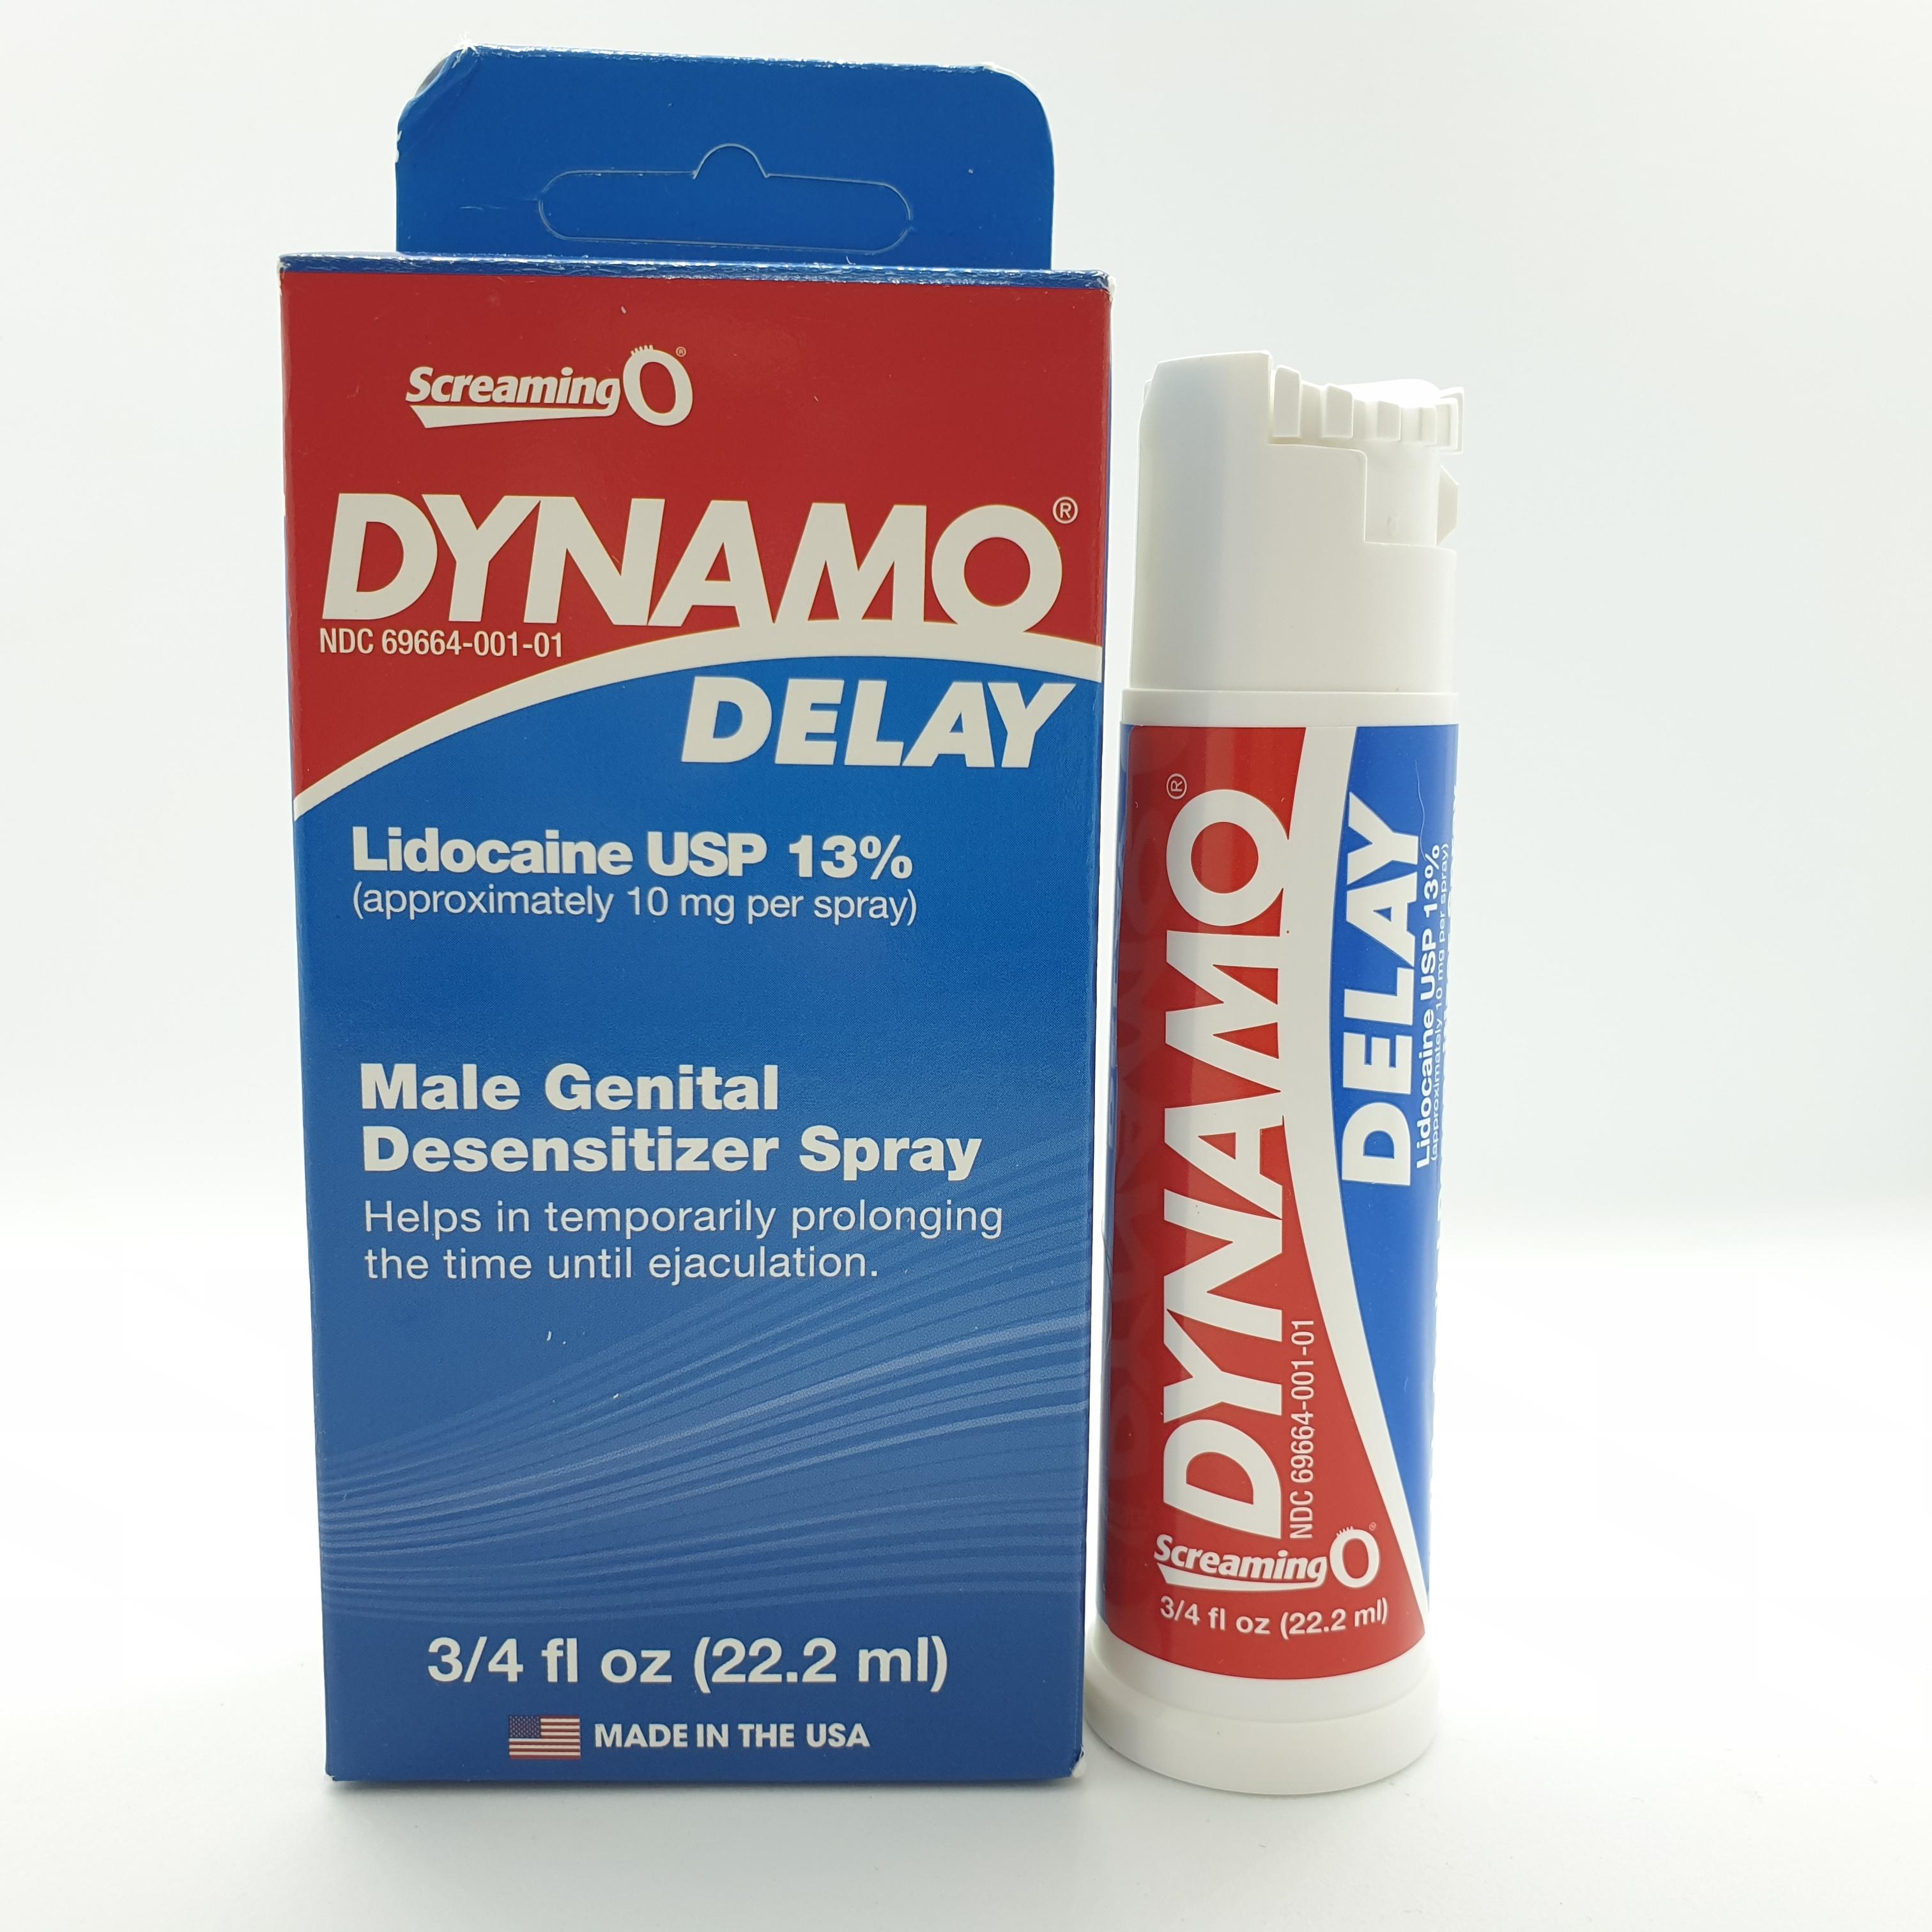 Chai xịt lâu xuất tinh  Dynamo Delay - Tặng 1 bộ vòng ku lâu xuất tinh.